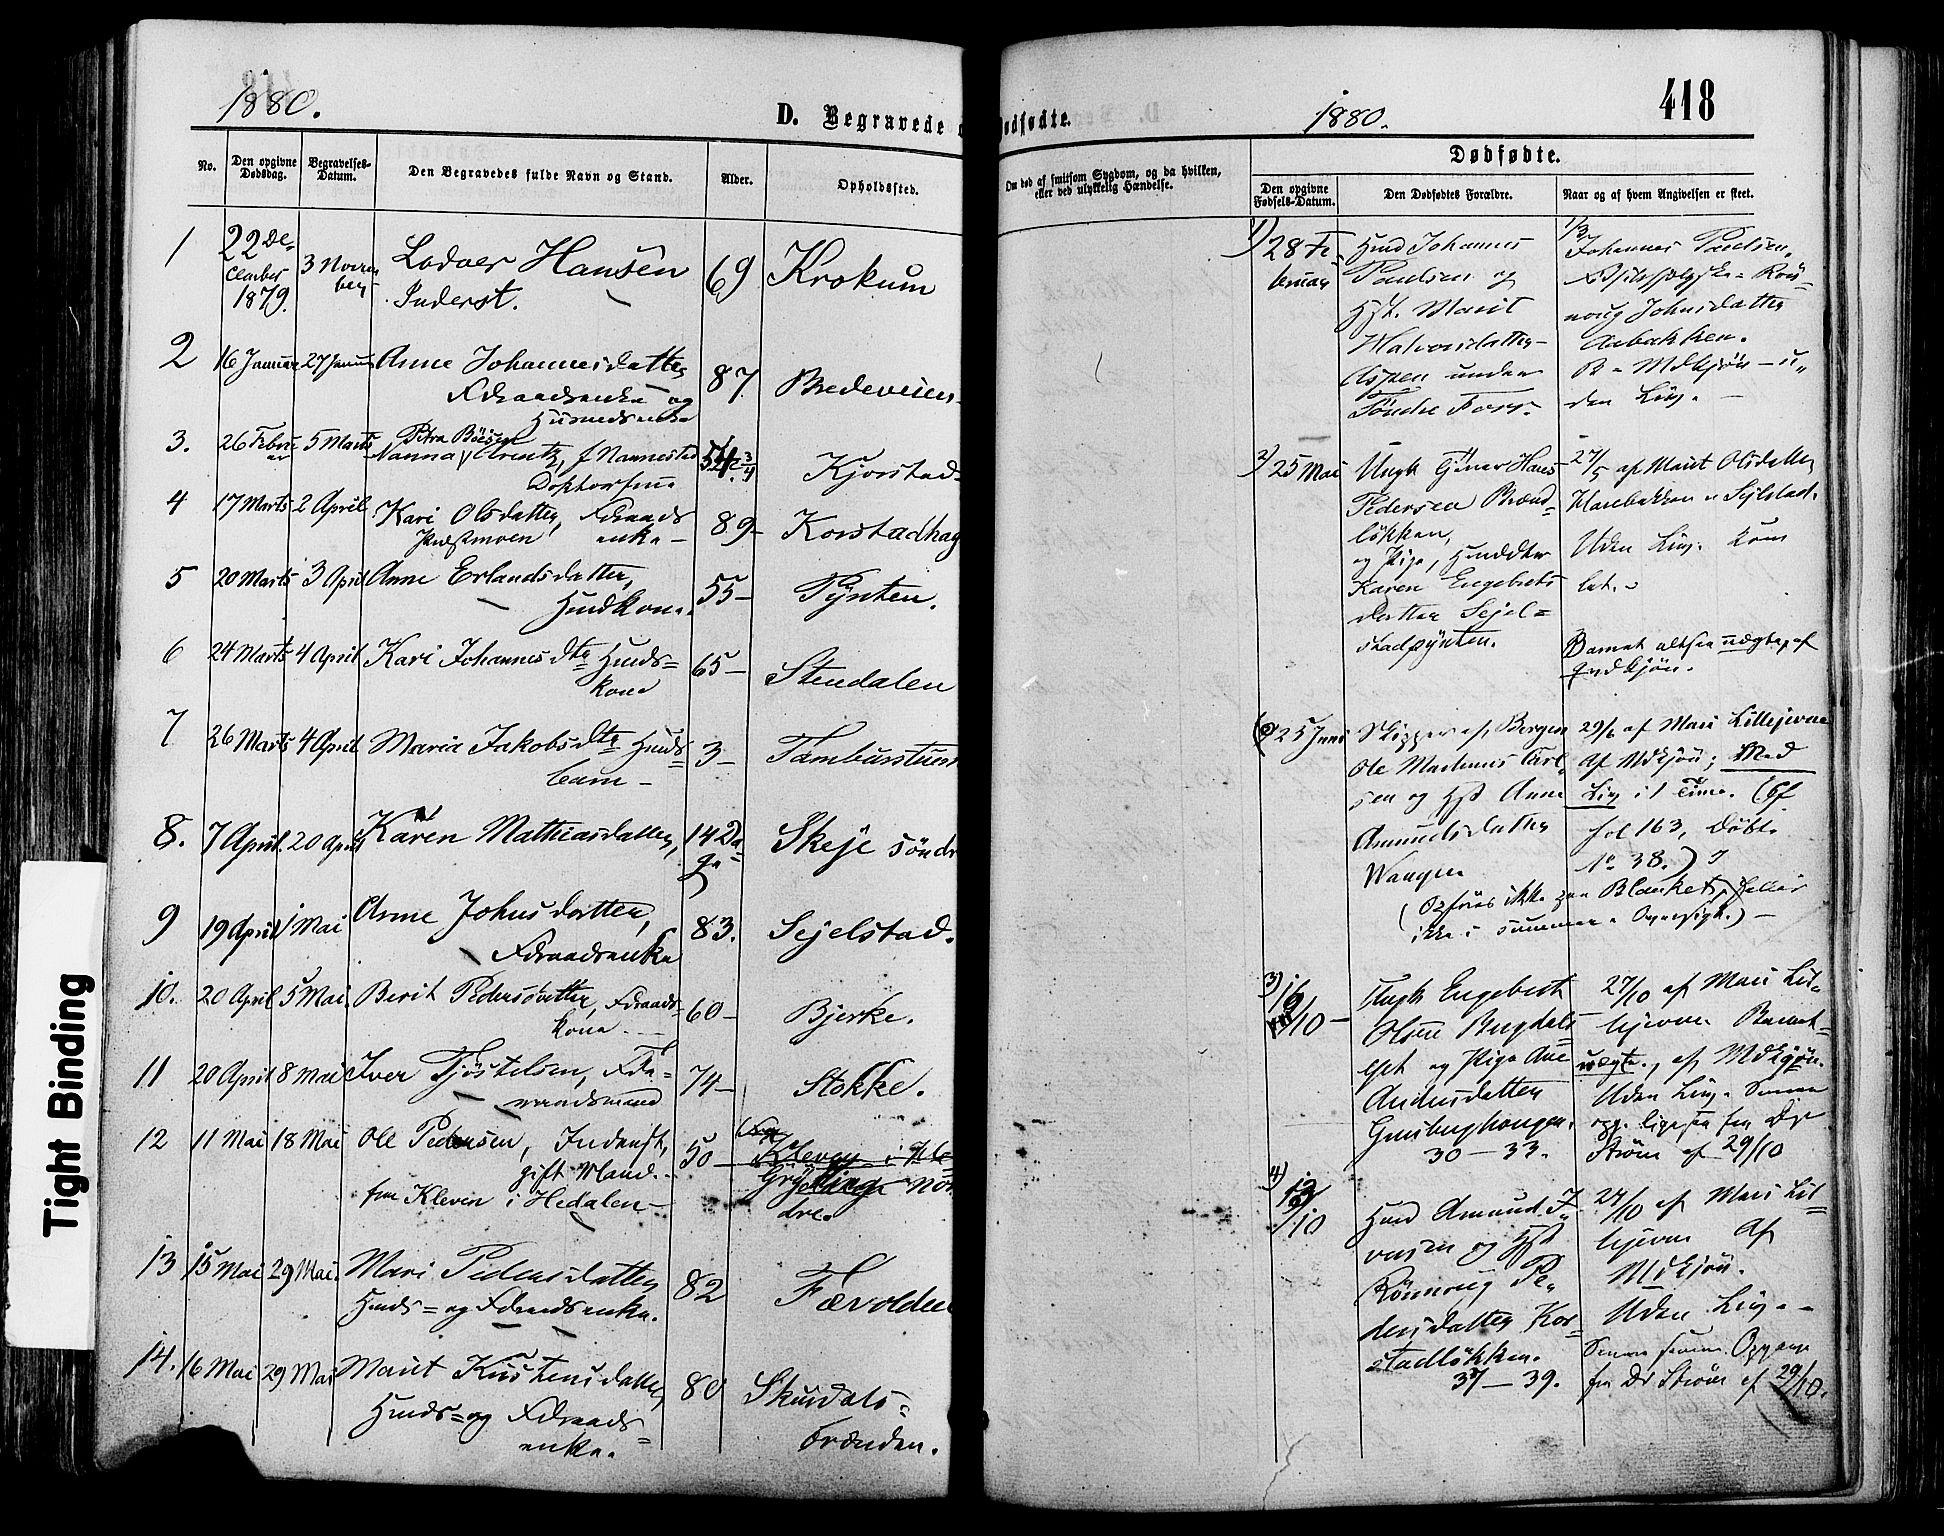 SAH, Sør-Fron prestekontor, H/Ha/Haa/L0002: Ministerialbok nr. 2, 1864-1880, s. 418